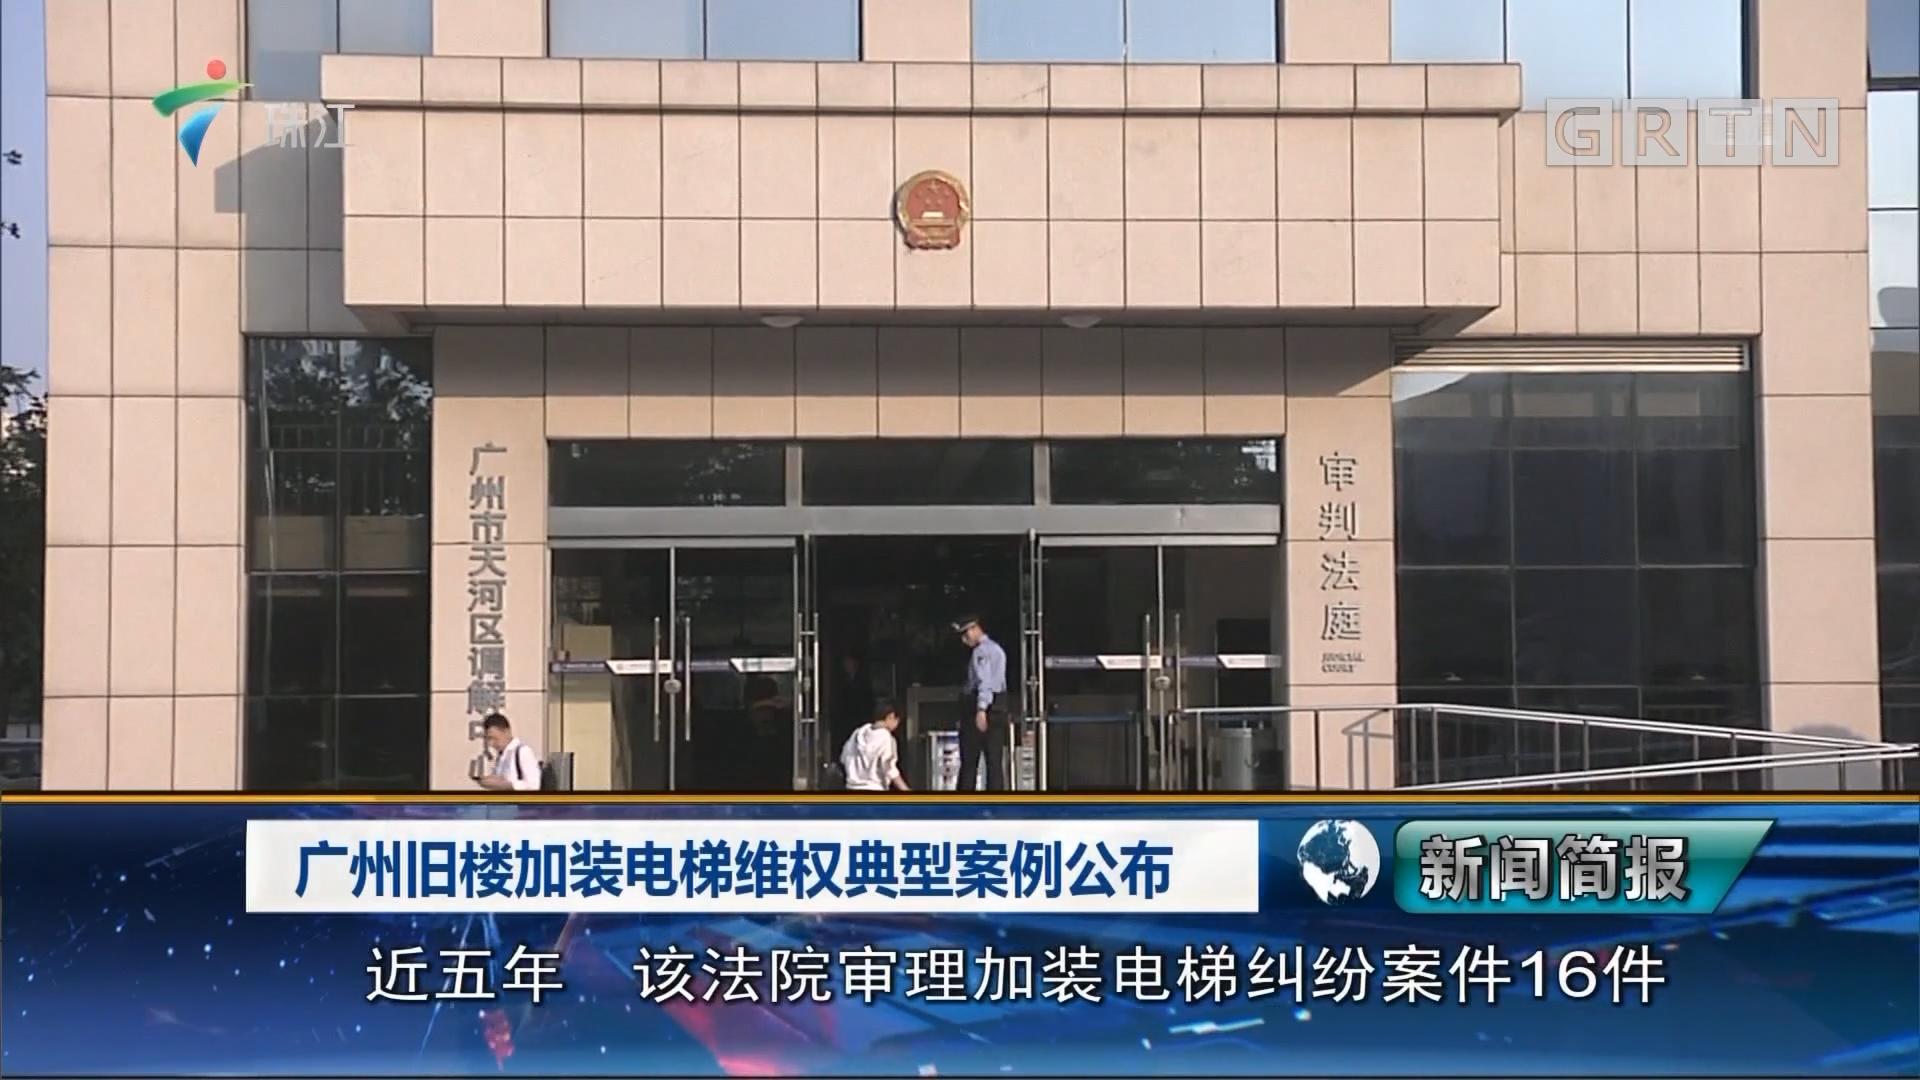 广州旧楼加装电梯维权典型案例公布